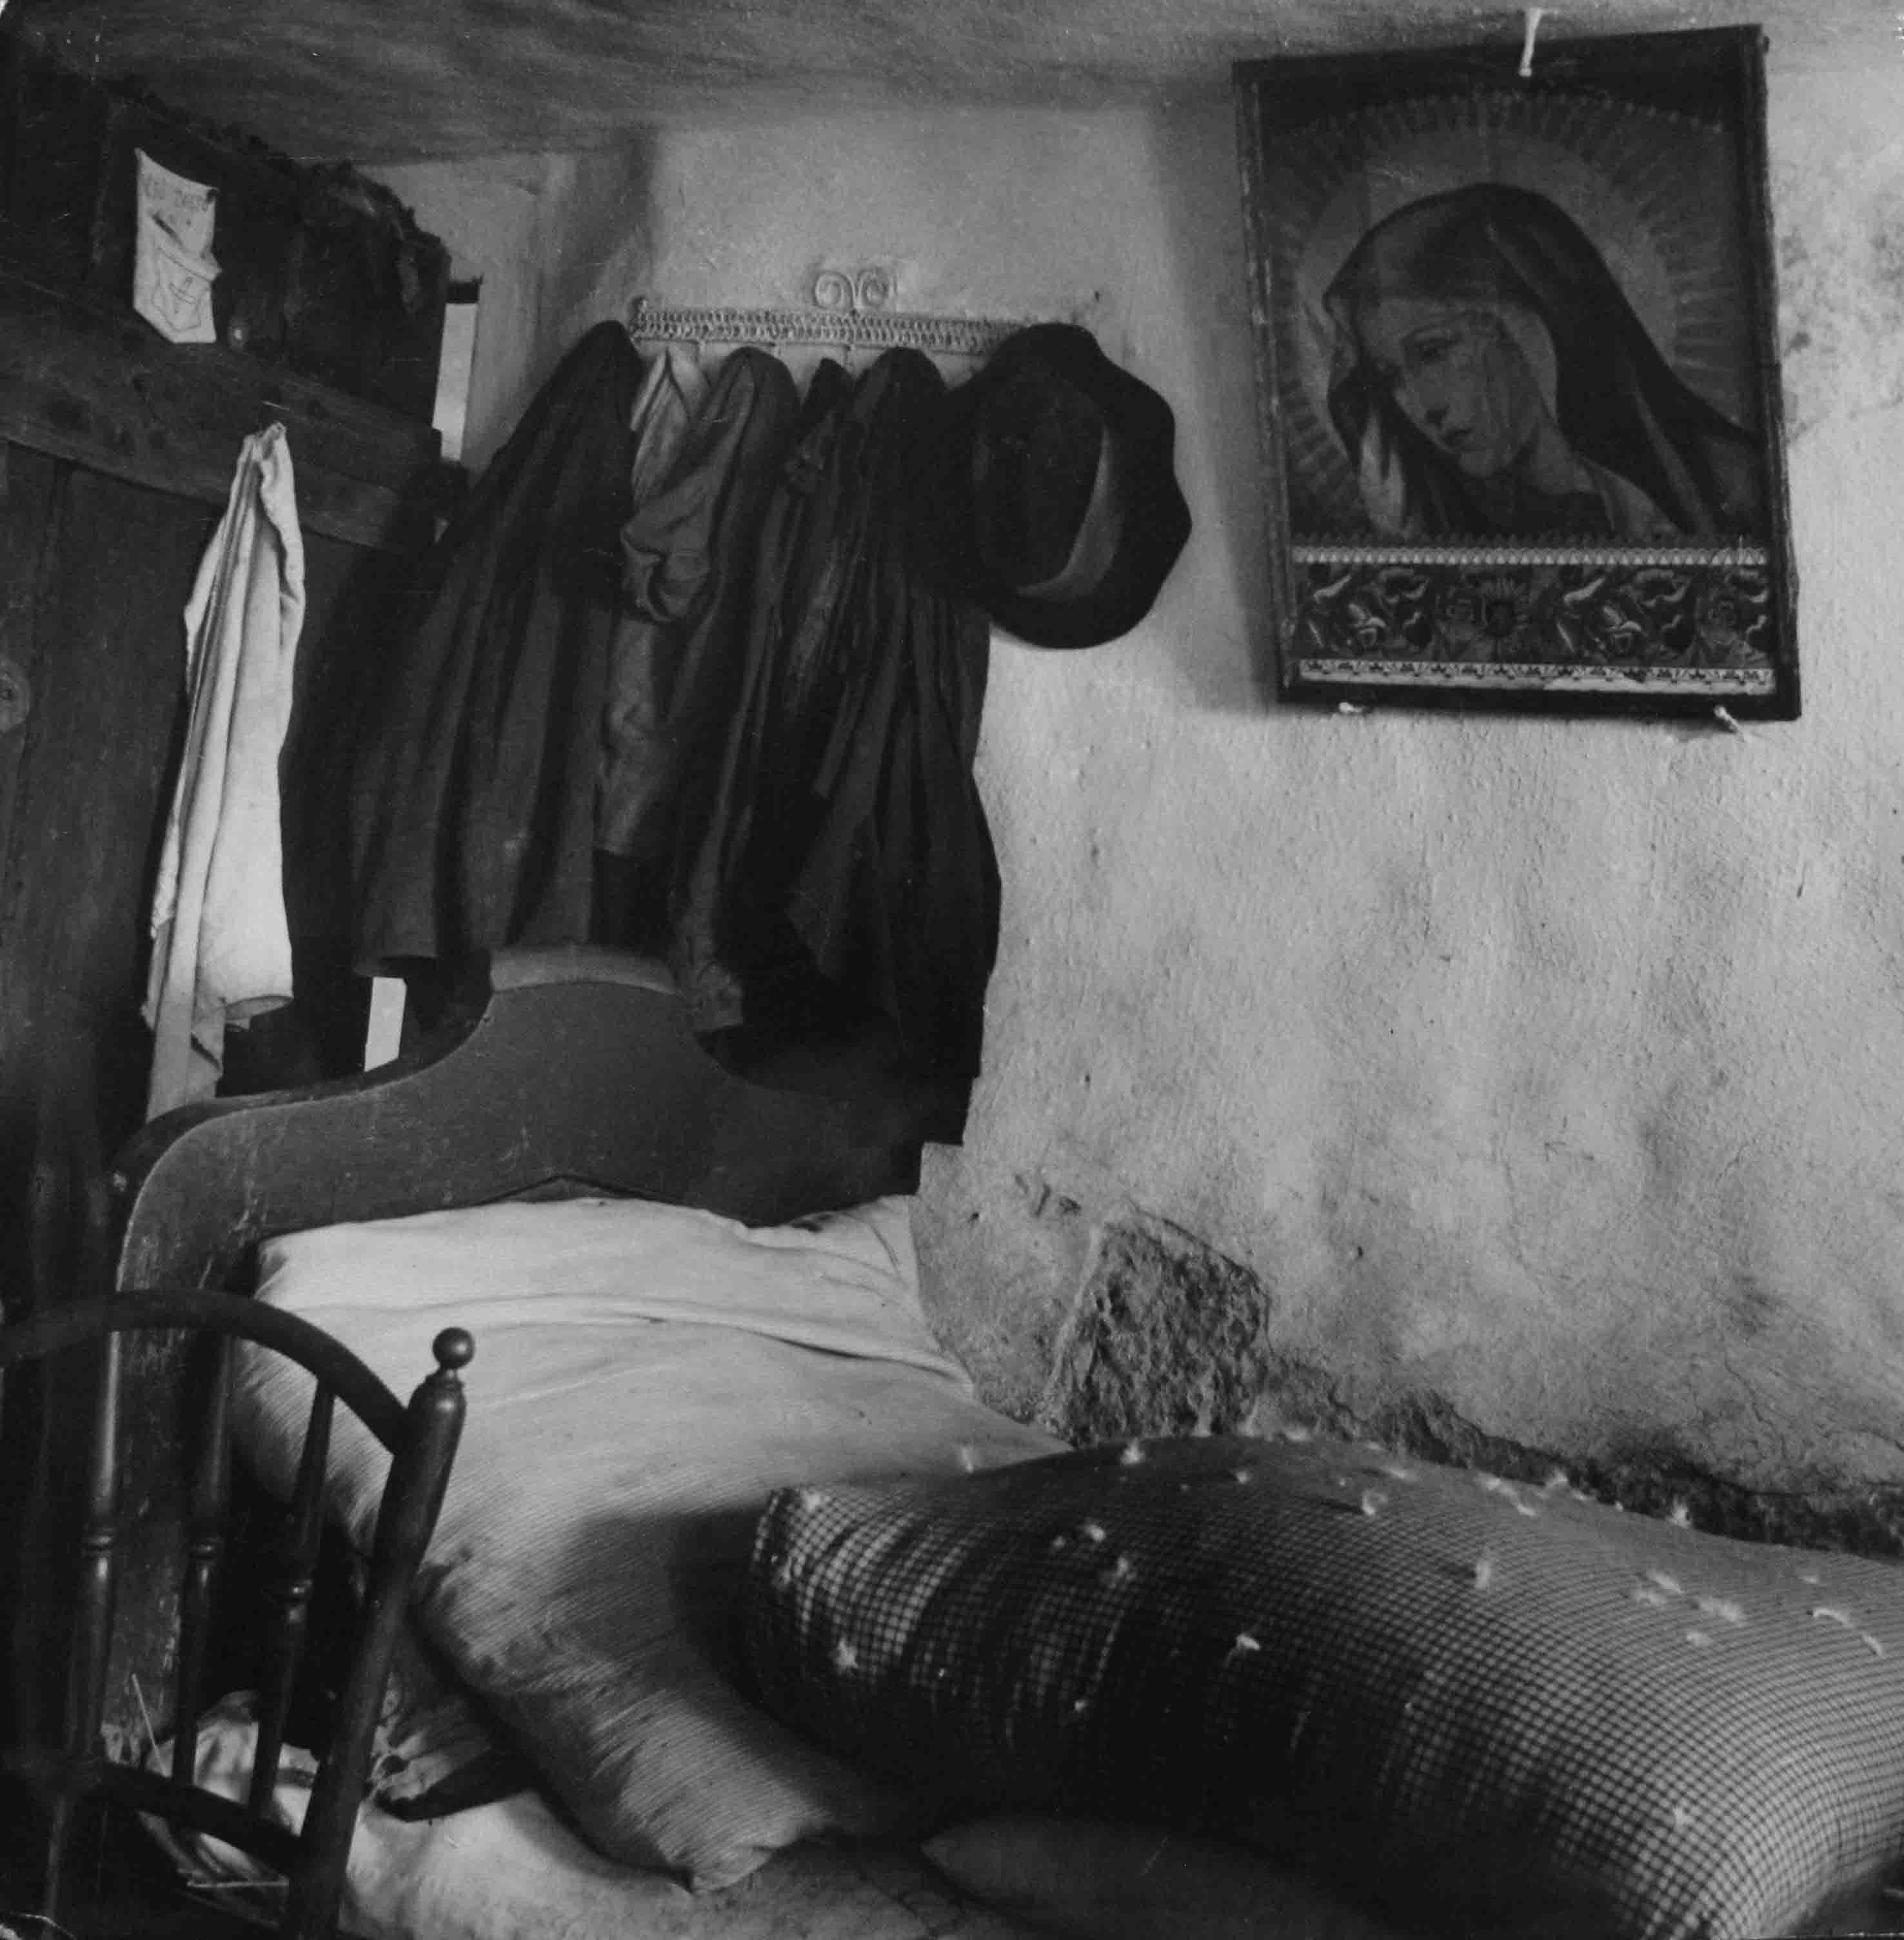 Habitación de campesinos, 1935<br/>Gelatina de plata / Silver gelatin print